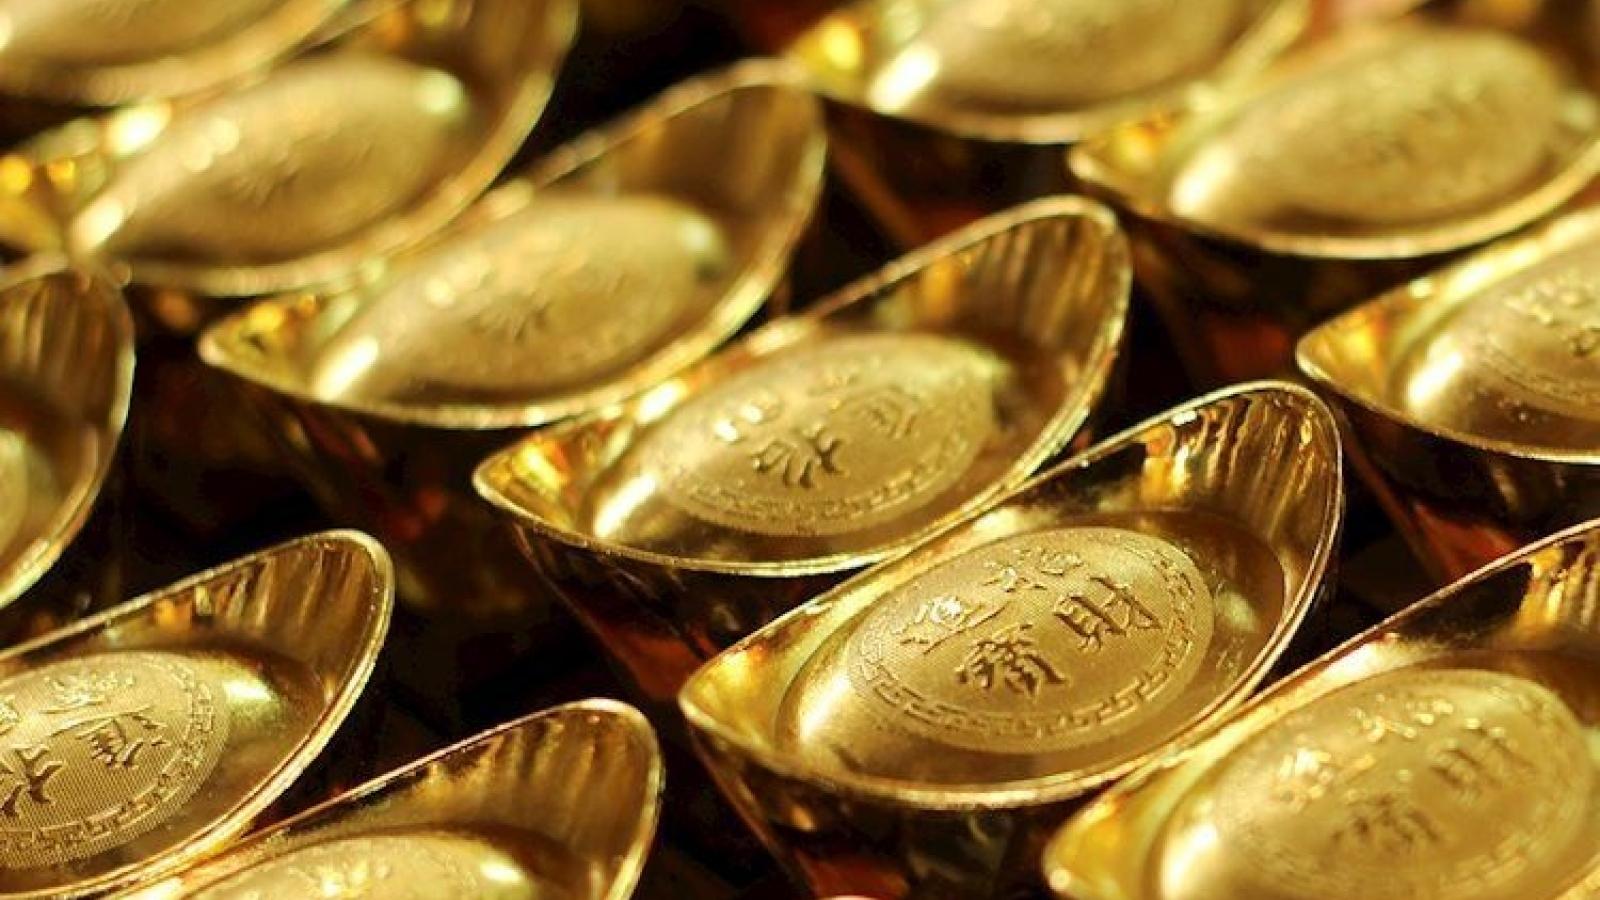 Giá vàng trong nước tăng mạnh trong phiên giao dịch đầu tuần